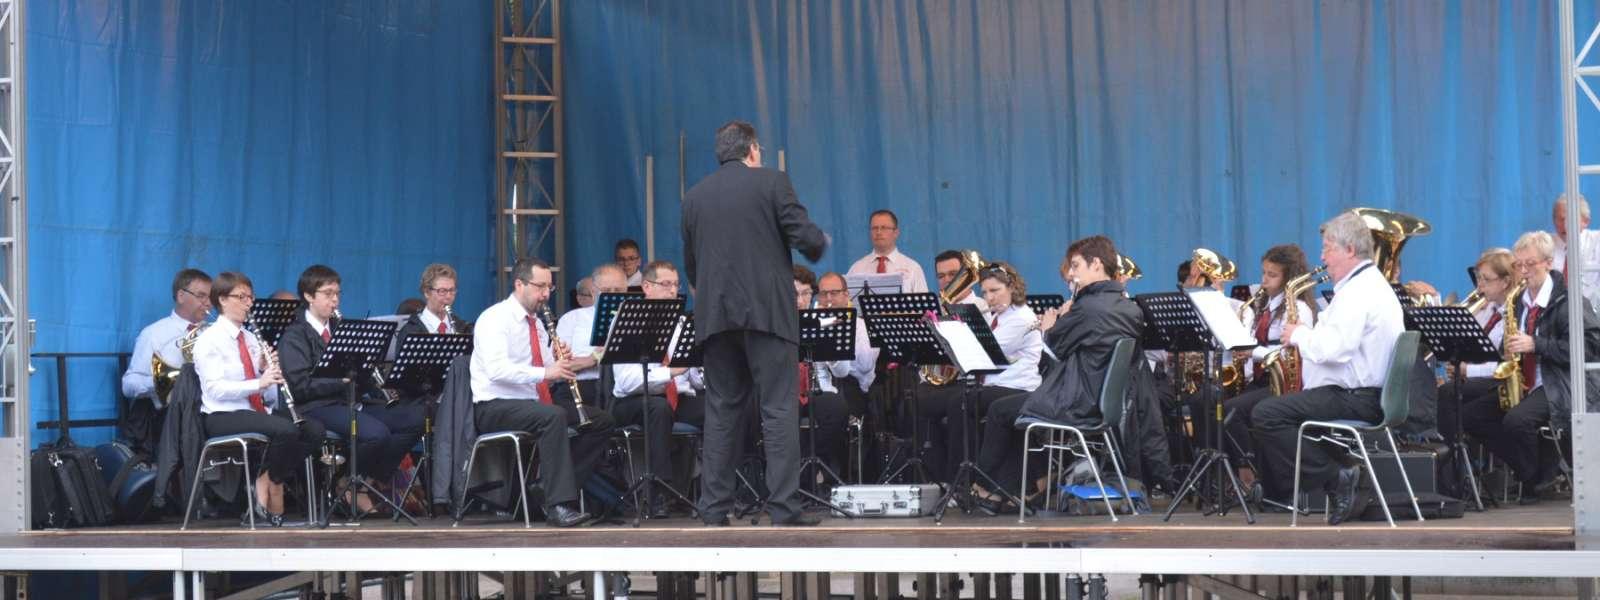 Concert de la Musique municipale dans le Parc du Casino